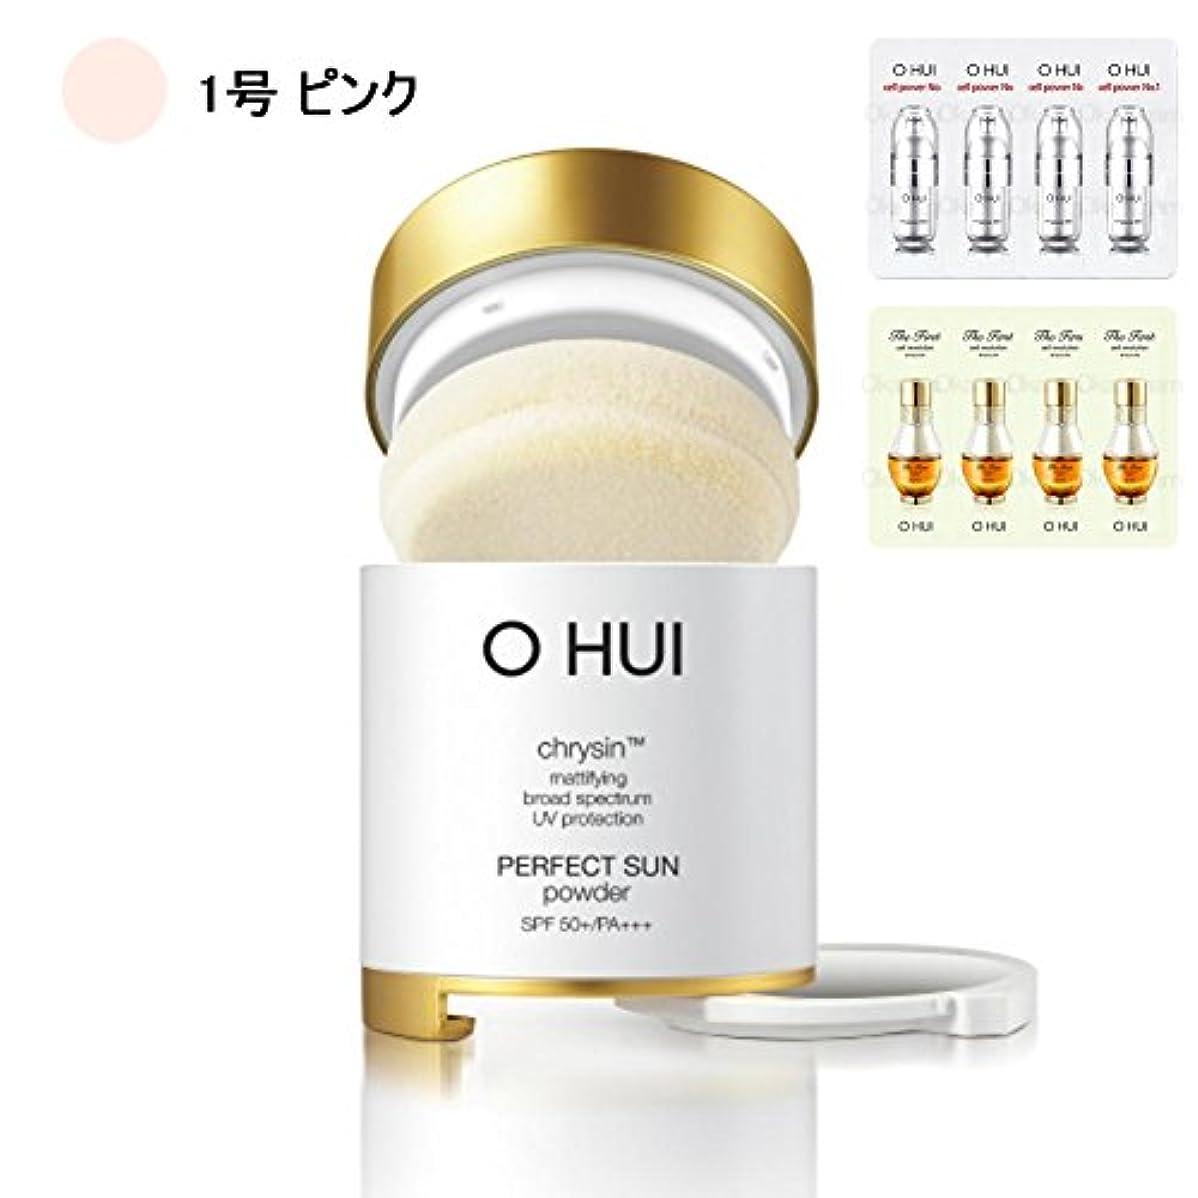 政策代数的準拠[オフィ/O HUI]韓国化粧品 LG生活健康/OHUI OFS06 PERFECT SUN POWDER/オフィ パーフェクトサンパウダー 1号 (SPF50+/PA+++) +[Sample Gift](海外直送品)